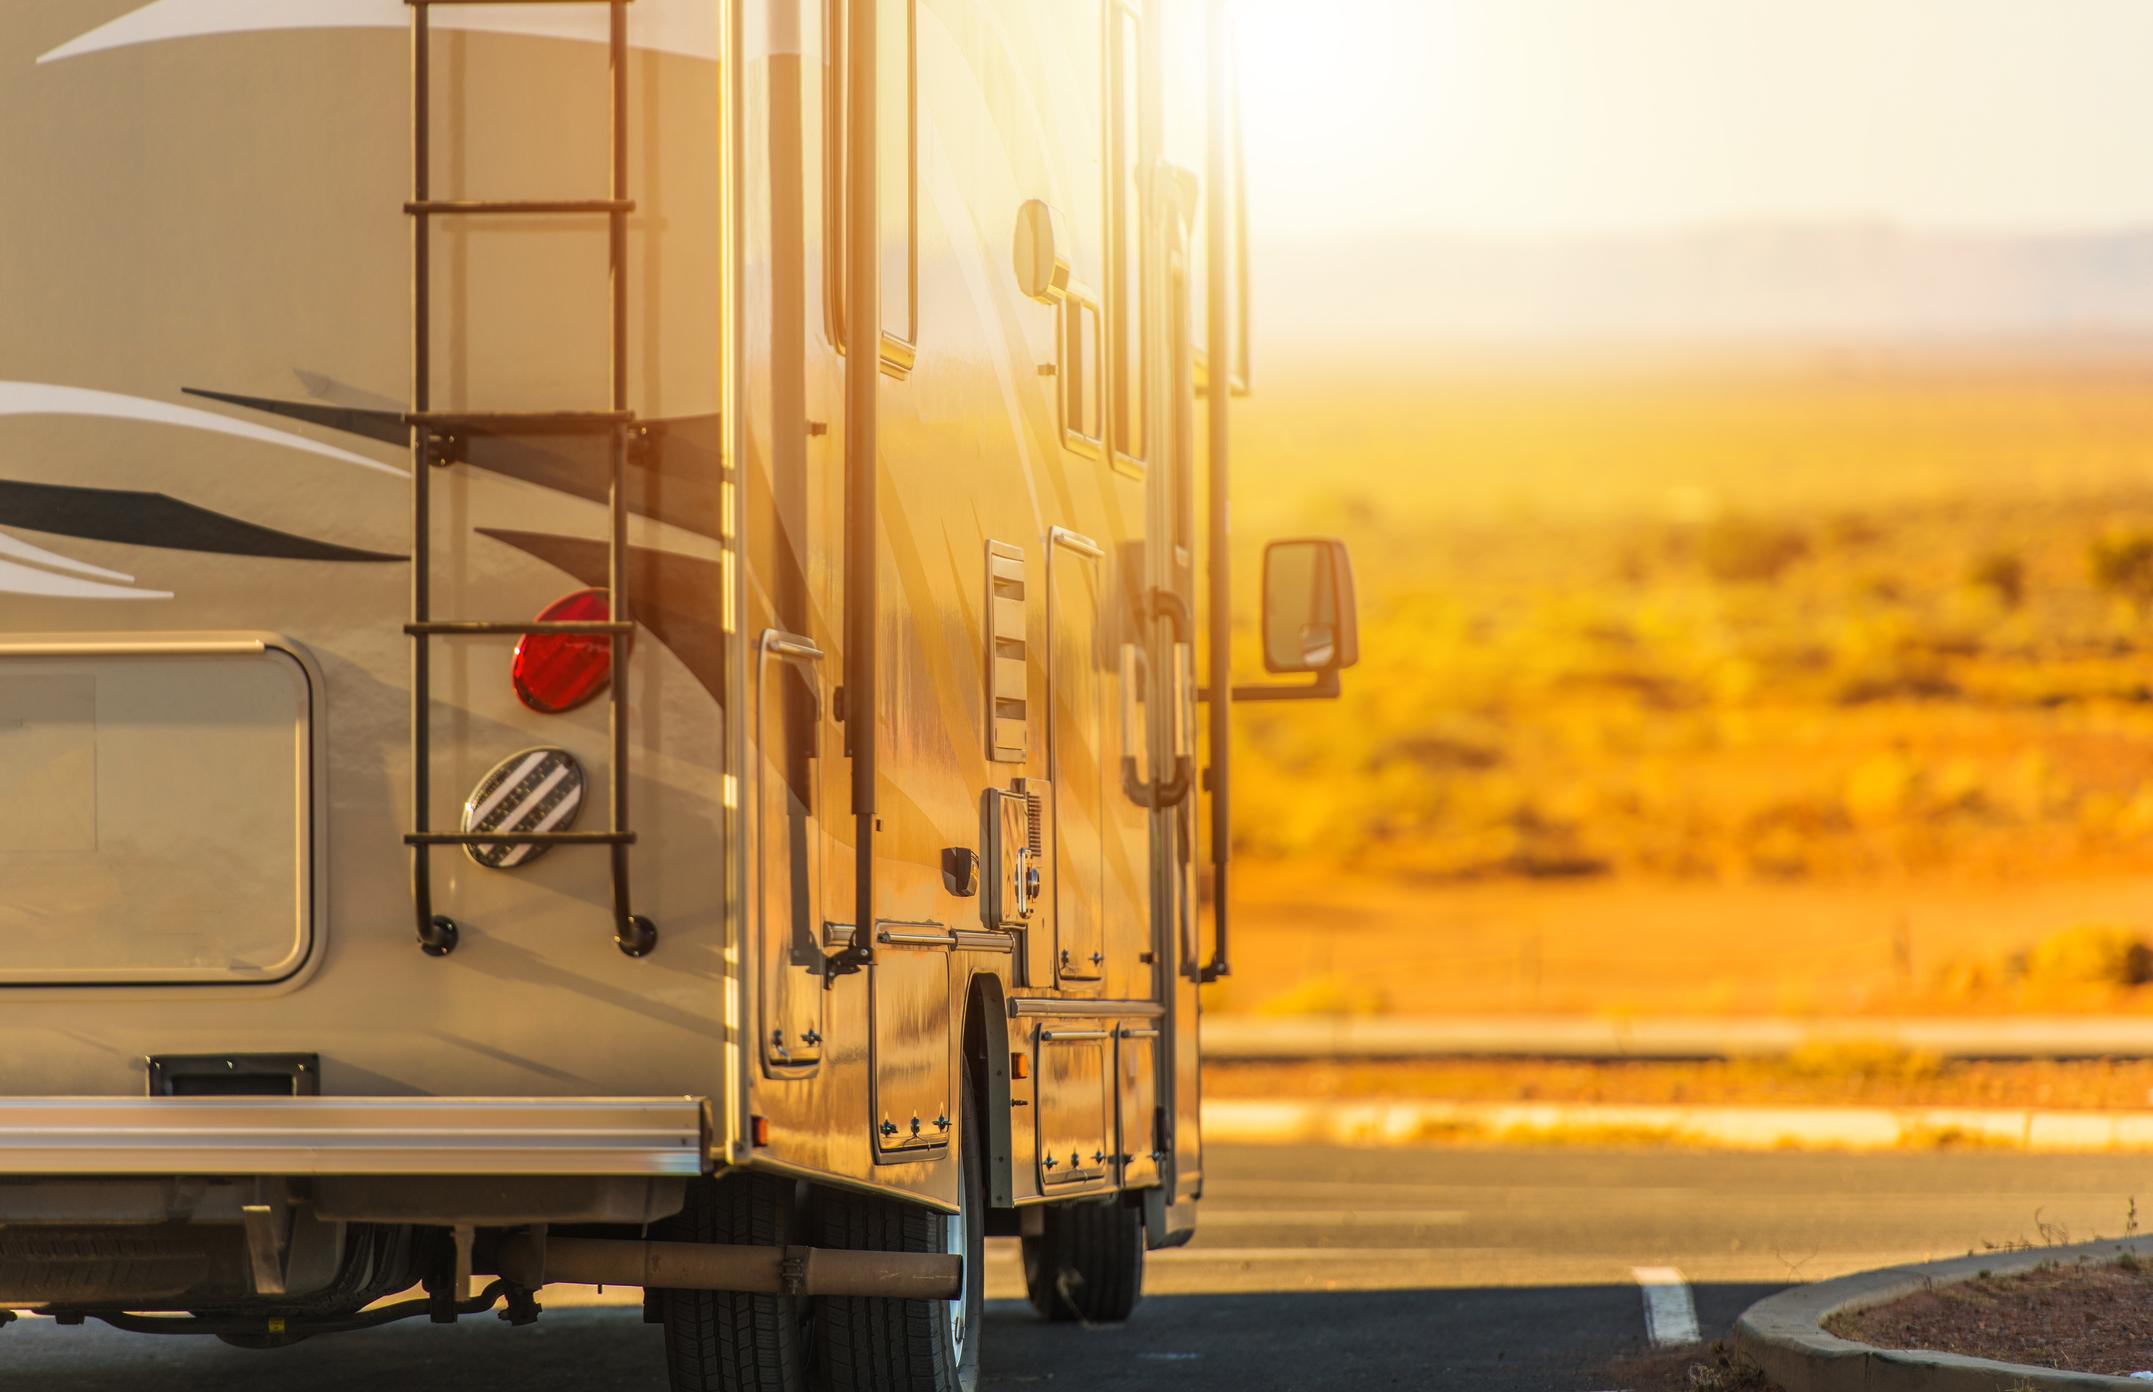 Large motorized recreational vehicle on road at dusk.